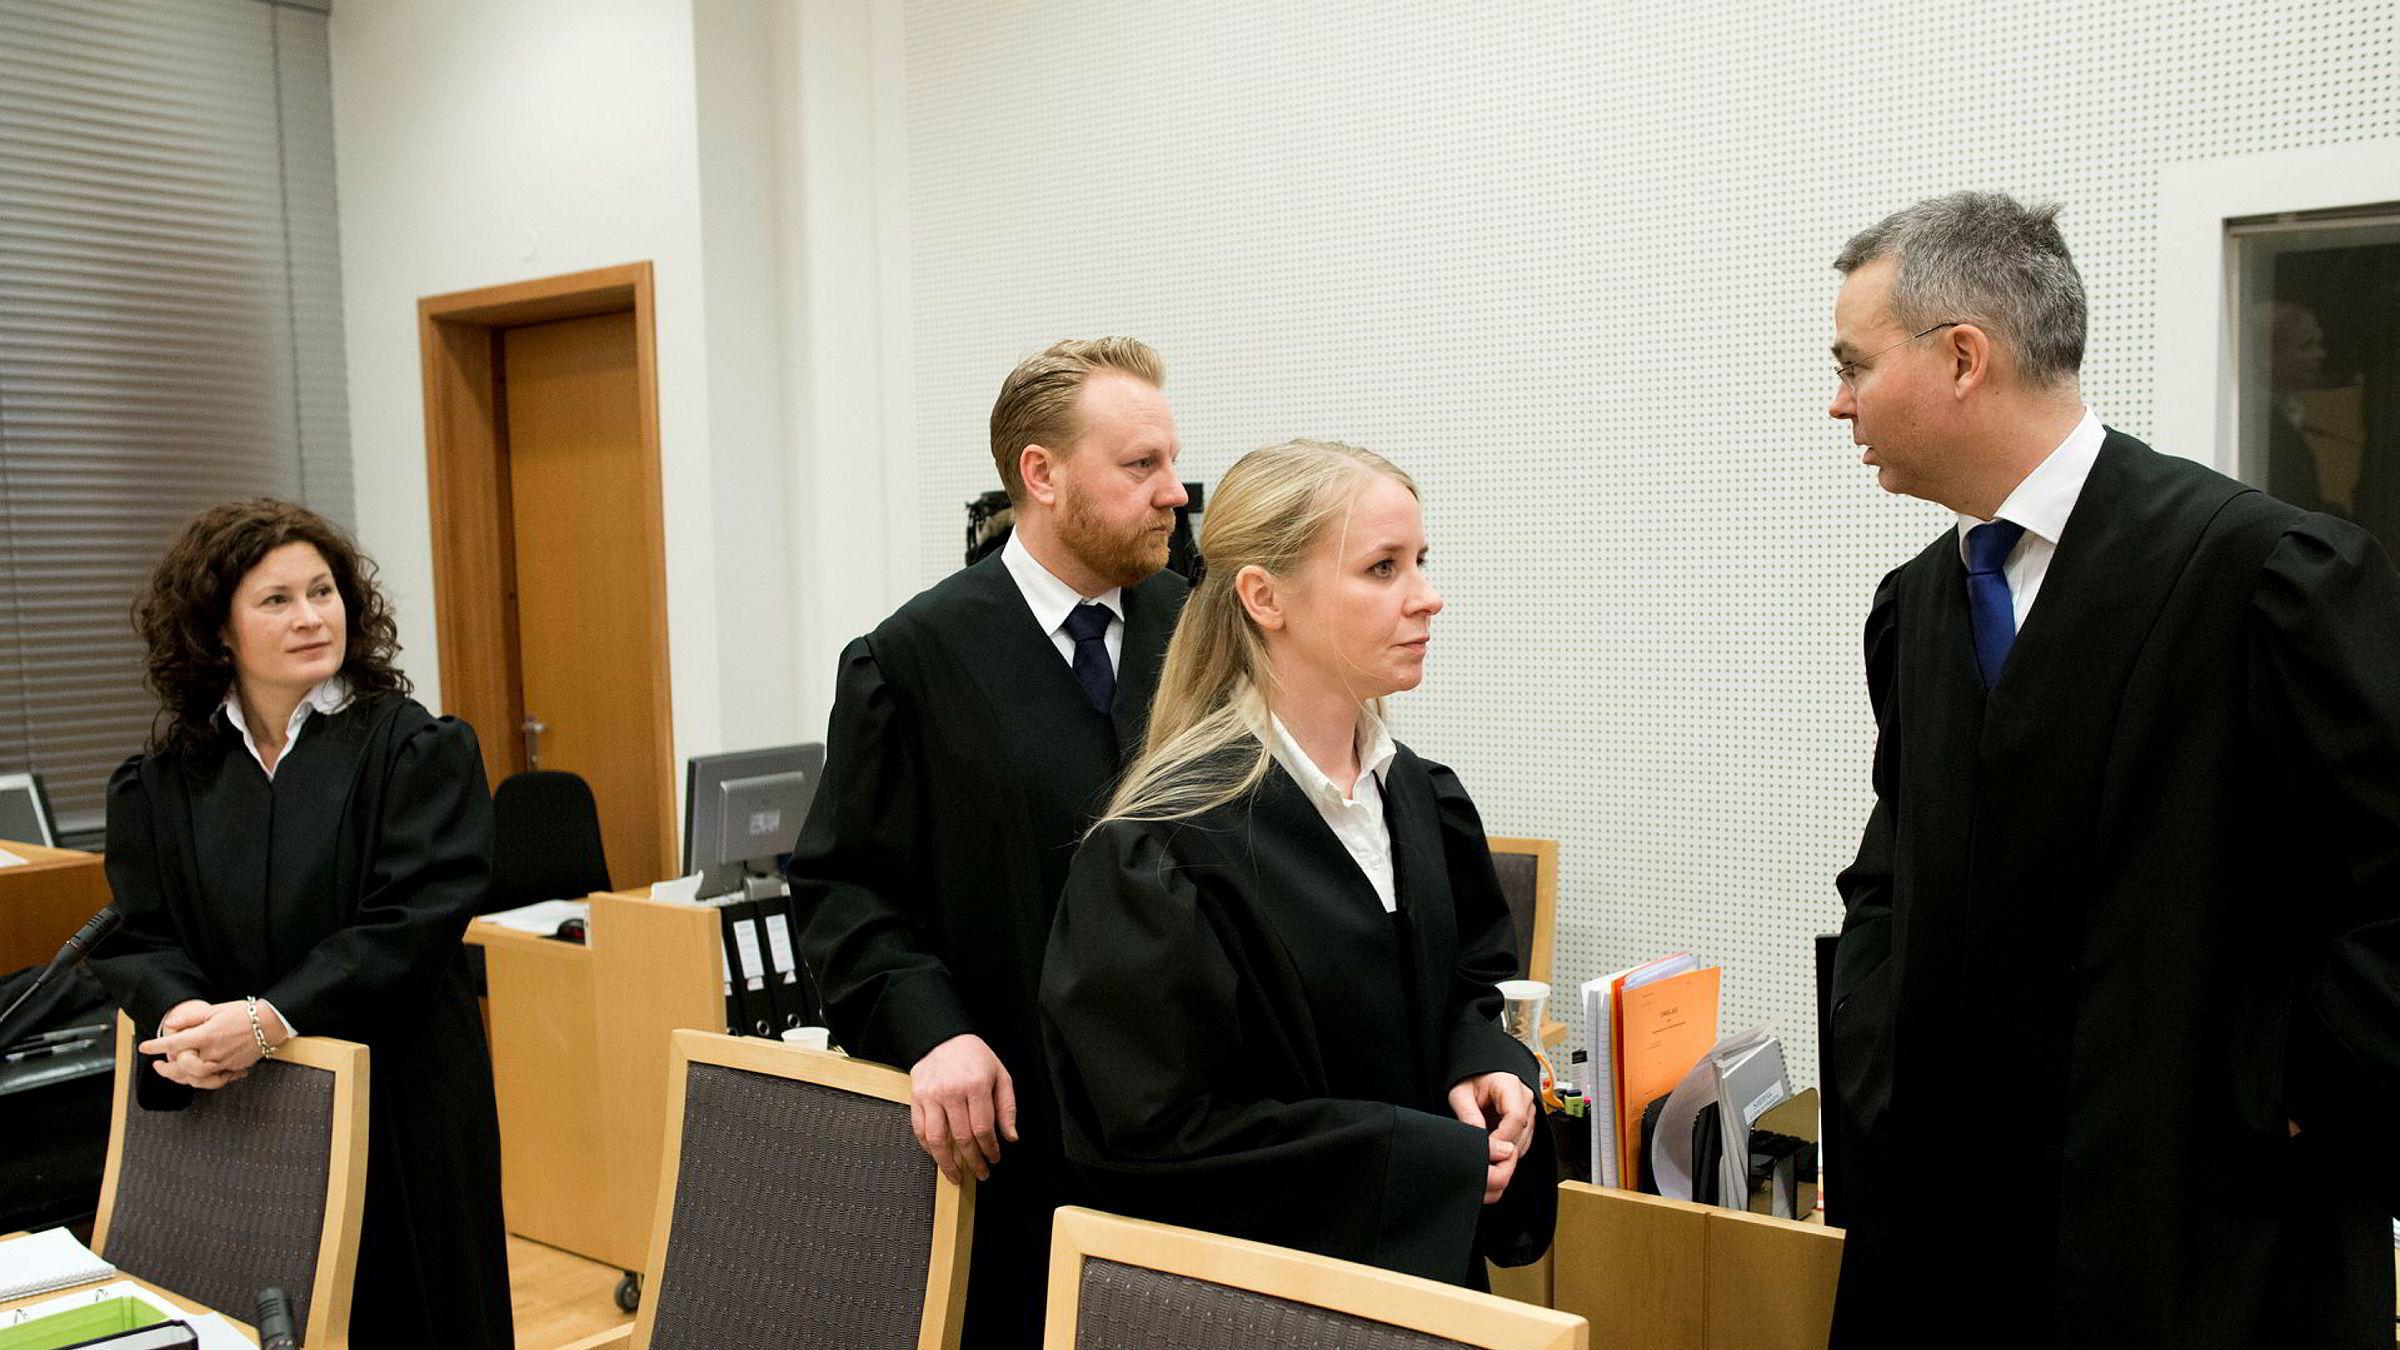 I Transocean-saken er det skapt et inntrykk av rettssikkerhet i fare. Selskap og enkeltpersoner ble frikjent for alvorlige anklager om å ha bidratt til unndragelse av skatt, og Skatteetaten nådde bare delvis frem i skattesakene. Her aktoratet i Transocean-saken, Anna Haugmoen Mo (fra venstre), Bård Thorsen og Åsne Haga Torgersen i Økokrim og Espen Bjerkvoll fra Regjeringsadvokaten.